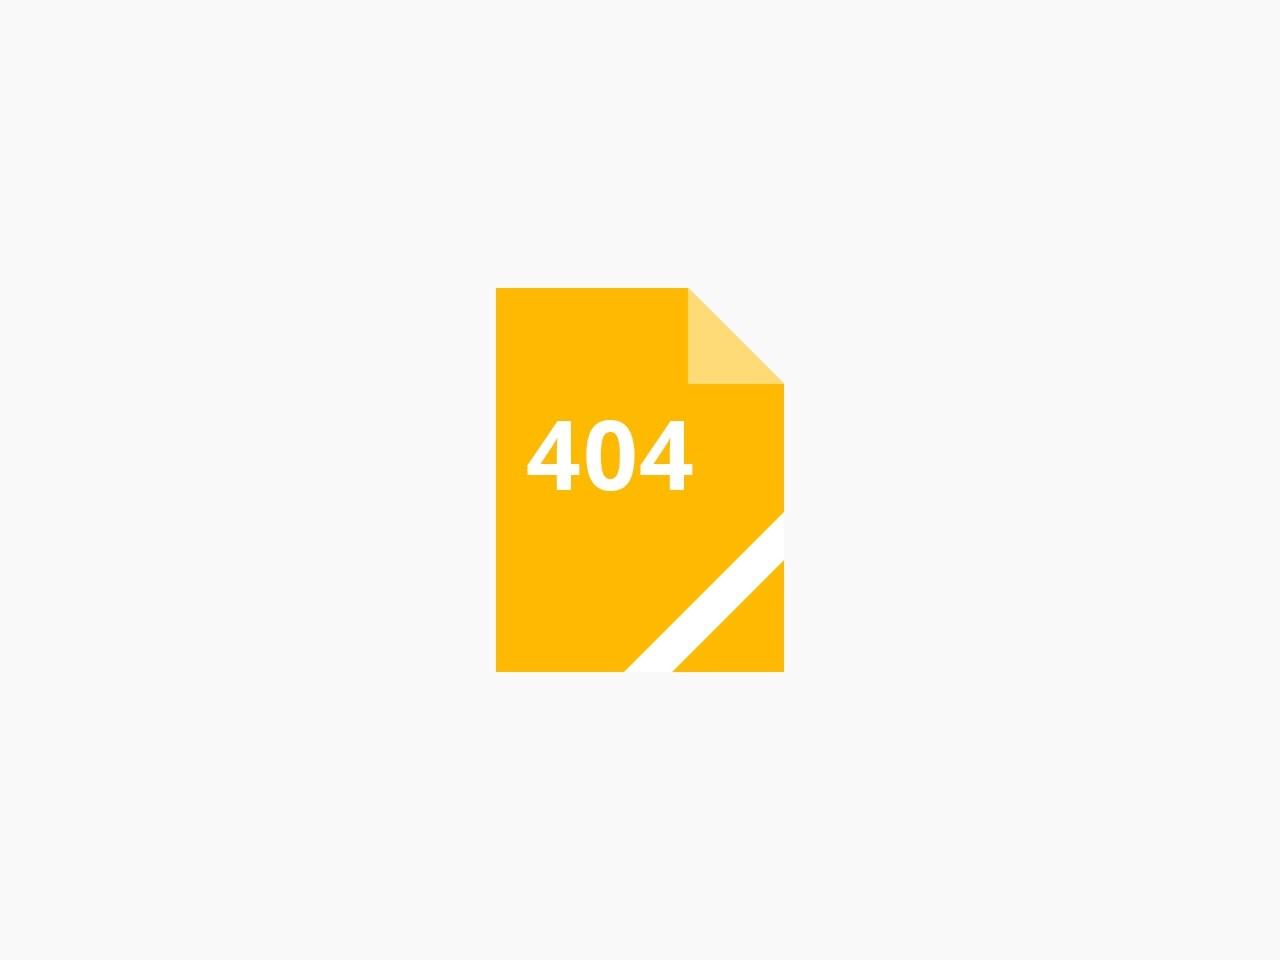 三十而已西瓜影音,百度云完整版在线观看-三十而已在线观看- 电影盒子_2021最新电影电视剧_免费电影_电影网站_电影盒子在线观看_韩国电影_60kg影院